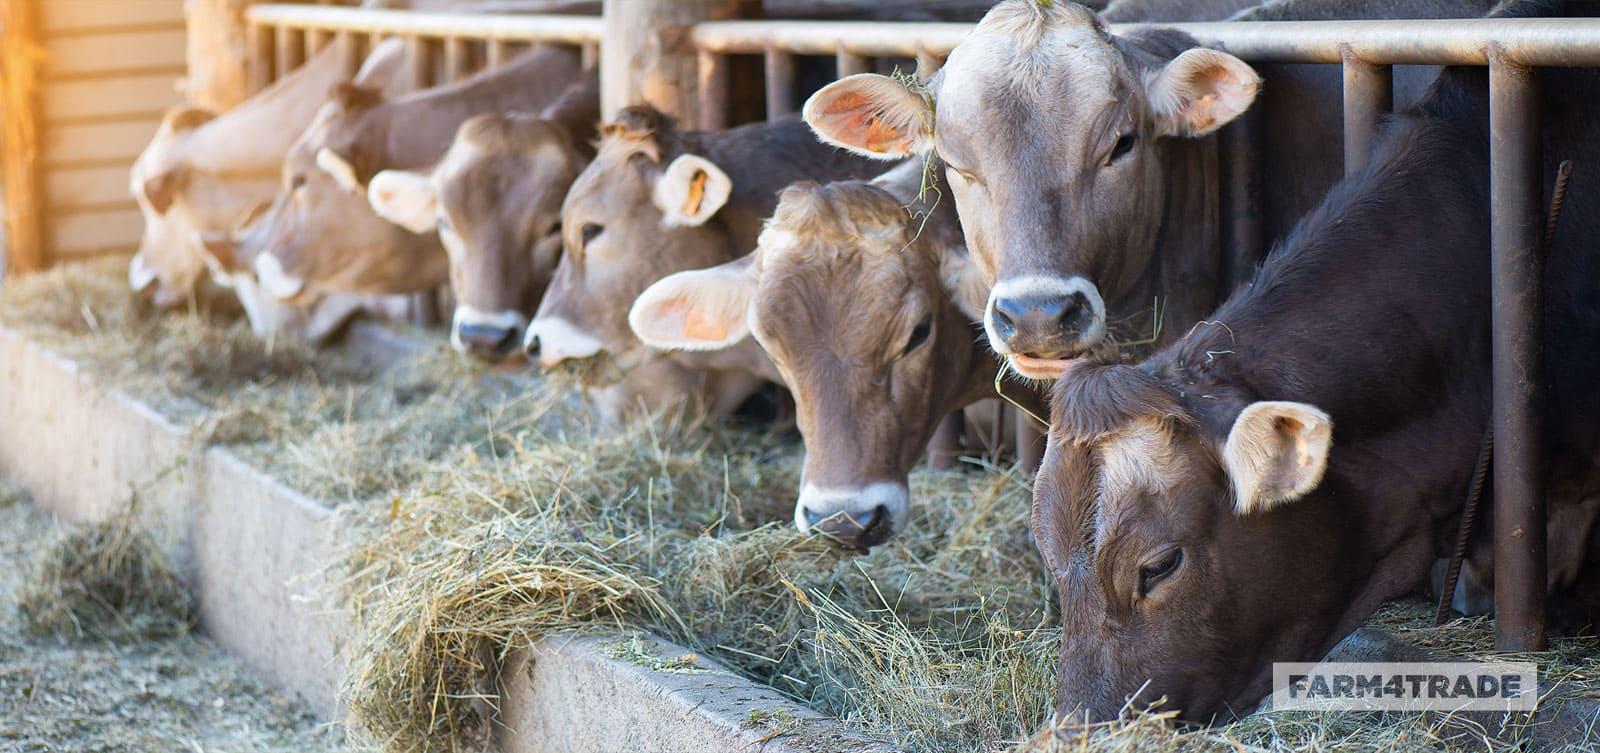 Farm4Trade-Balanced-diet-part-2